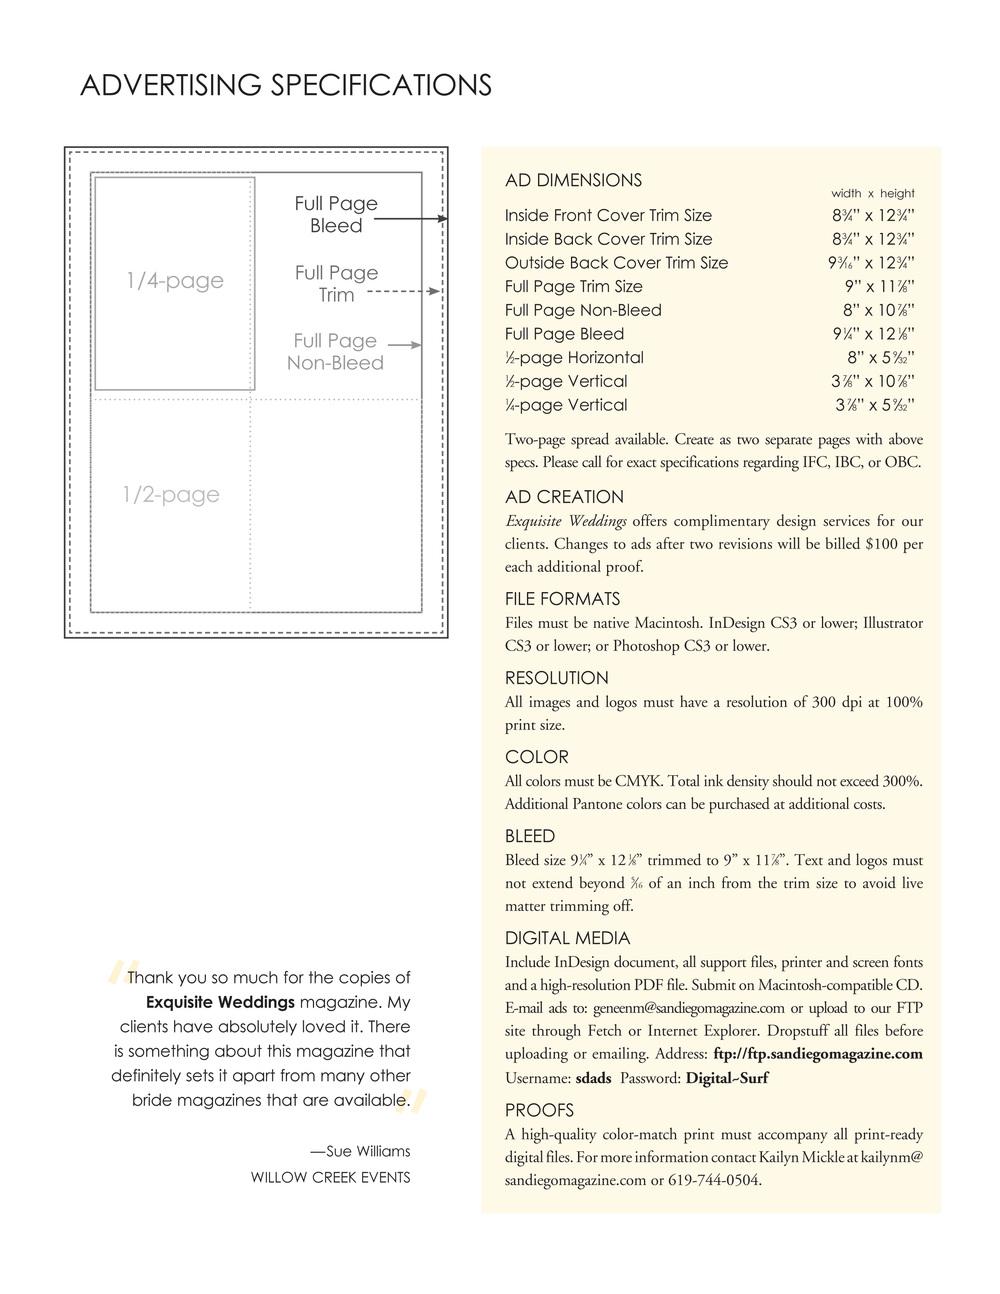 EW-Media-Kit-SS2012-SB-5.jpg